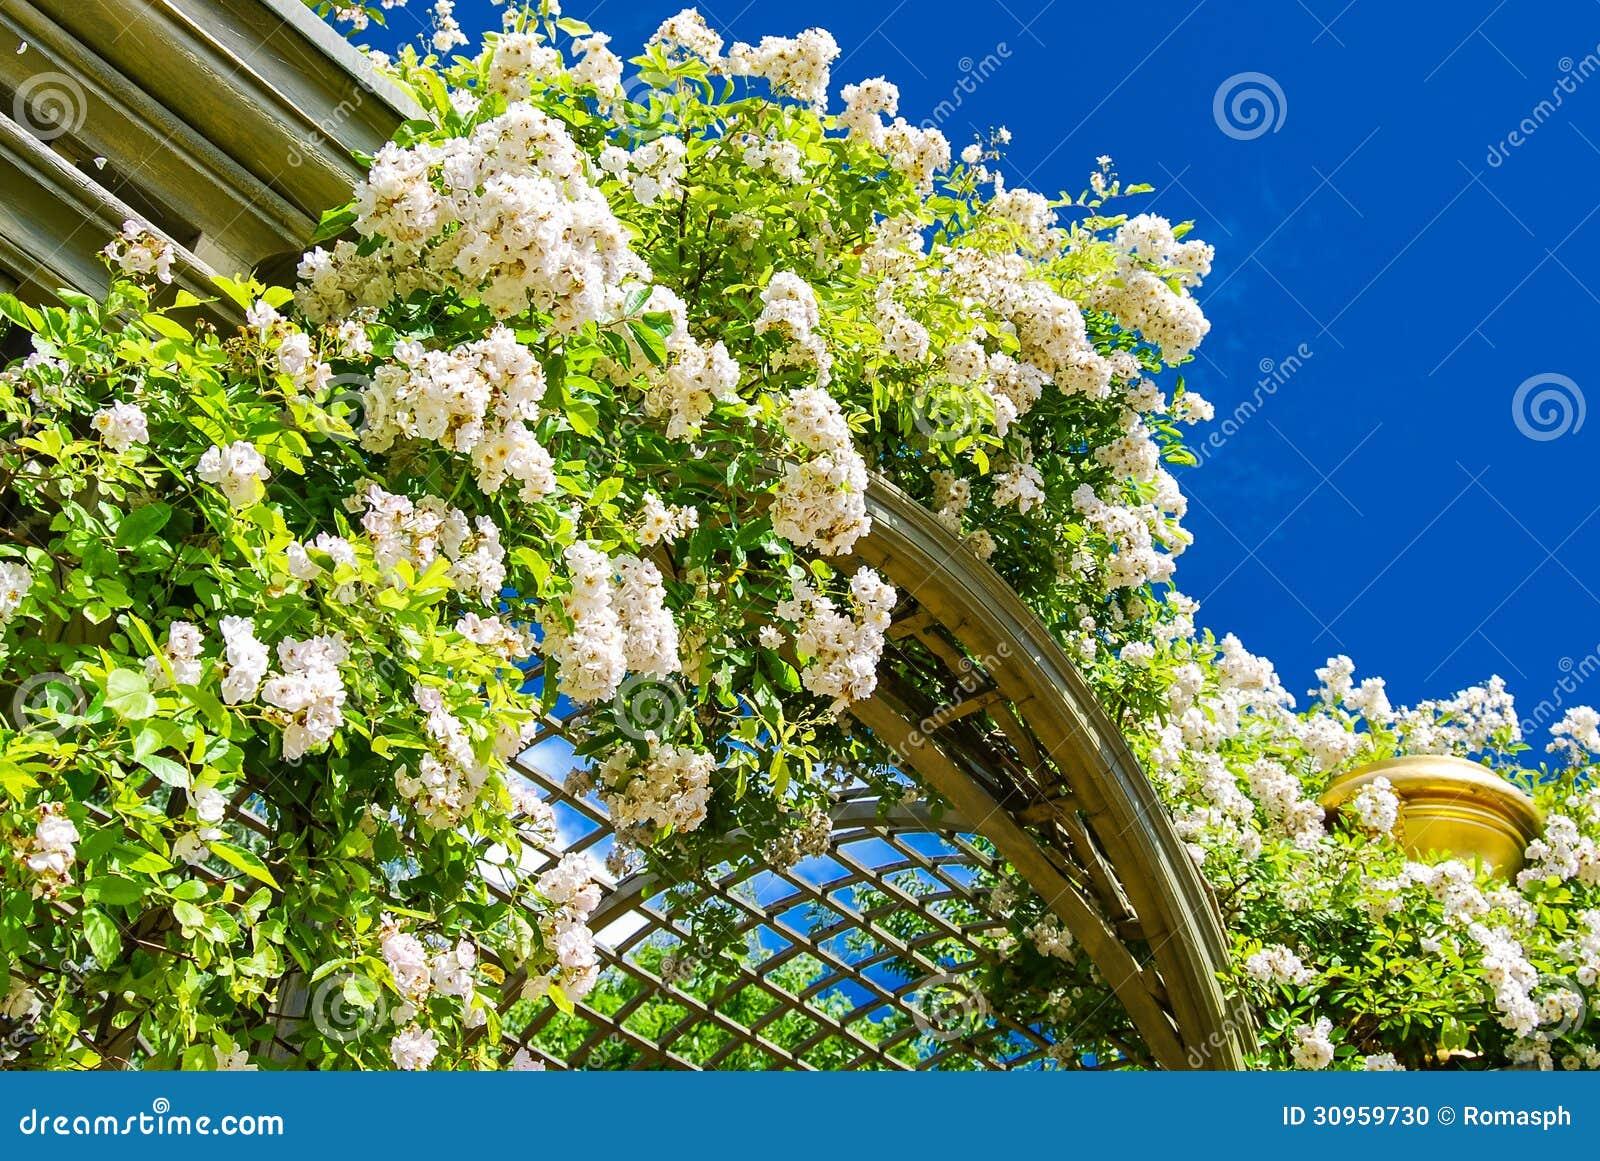 flores rizadas iluminadas por el sol en los jardines de versalles foto de archivo